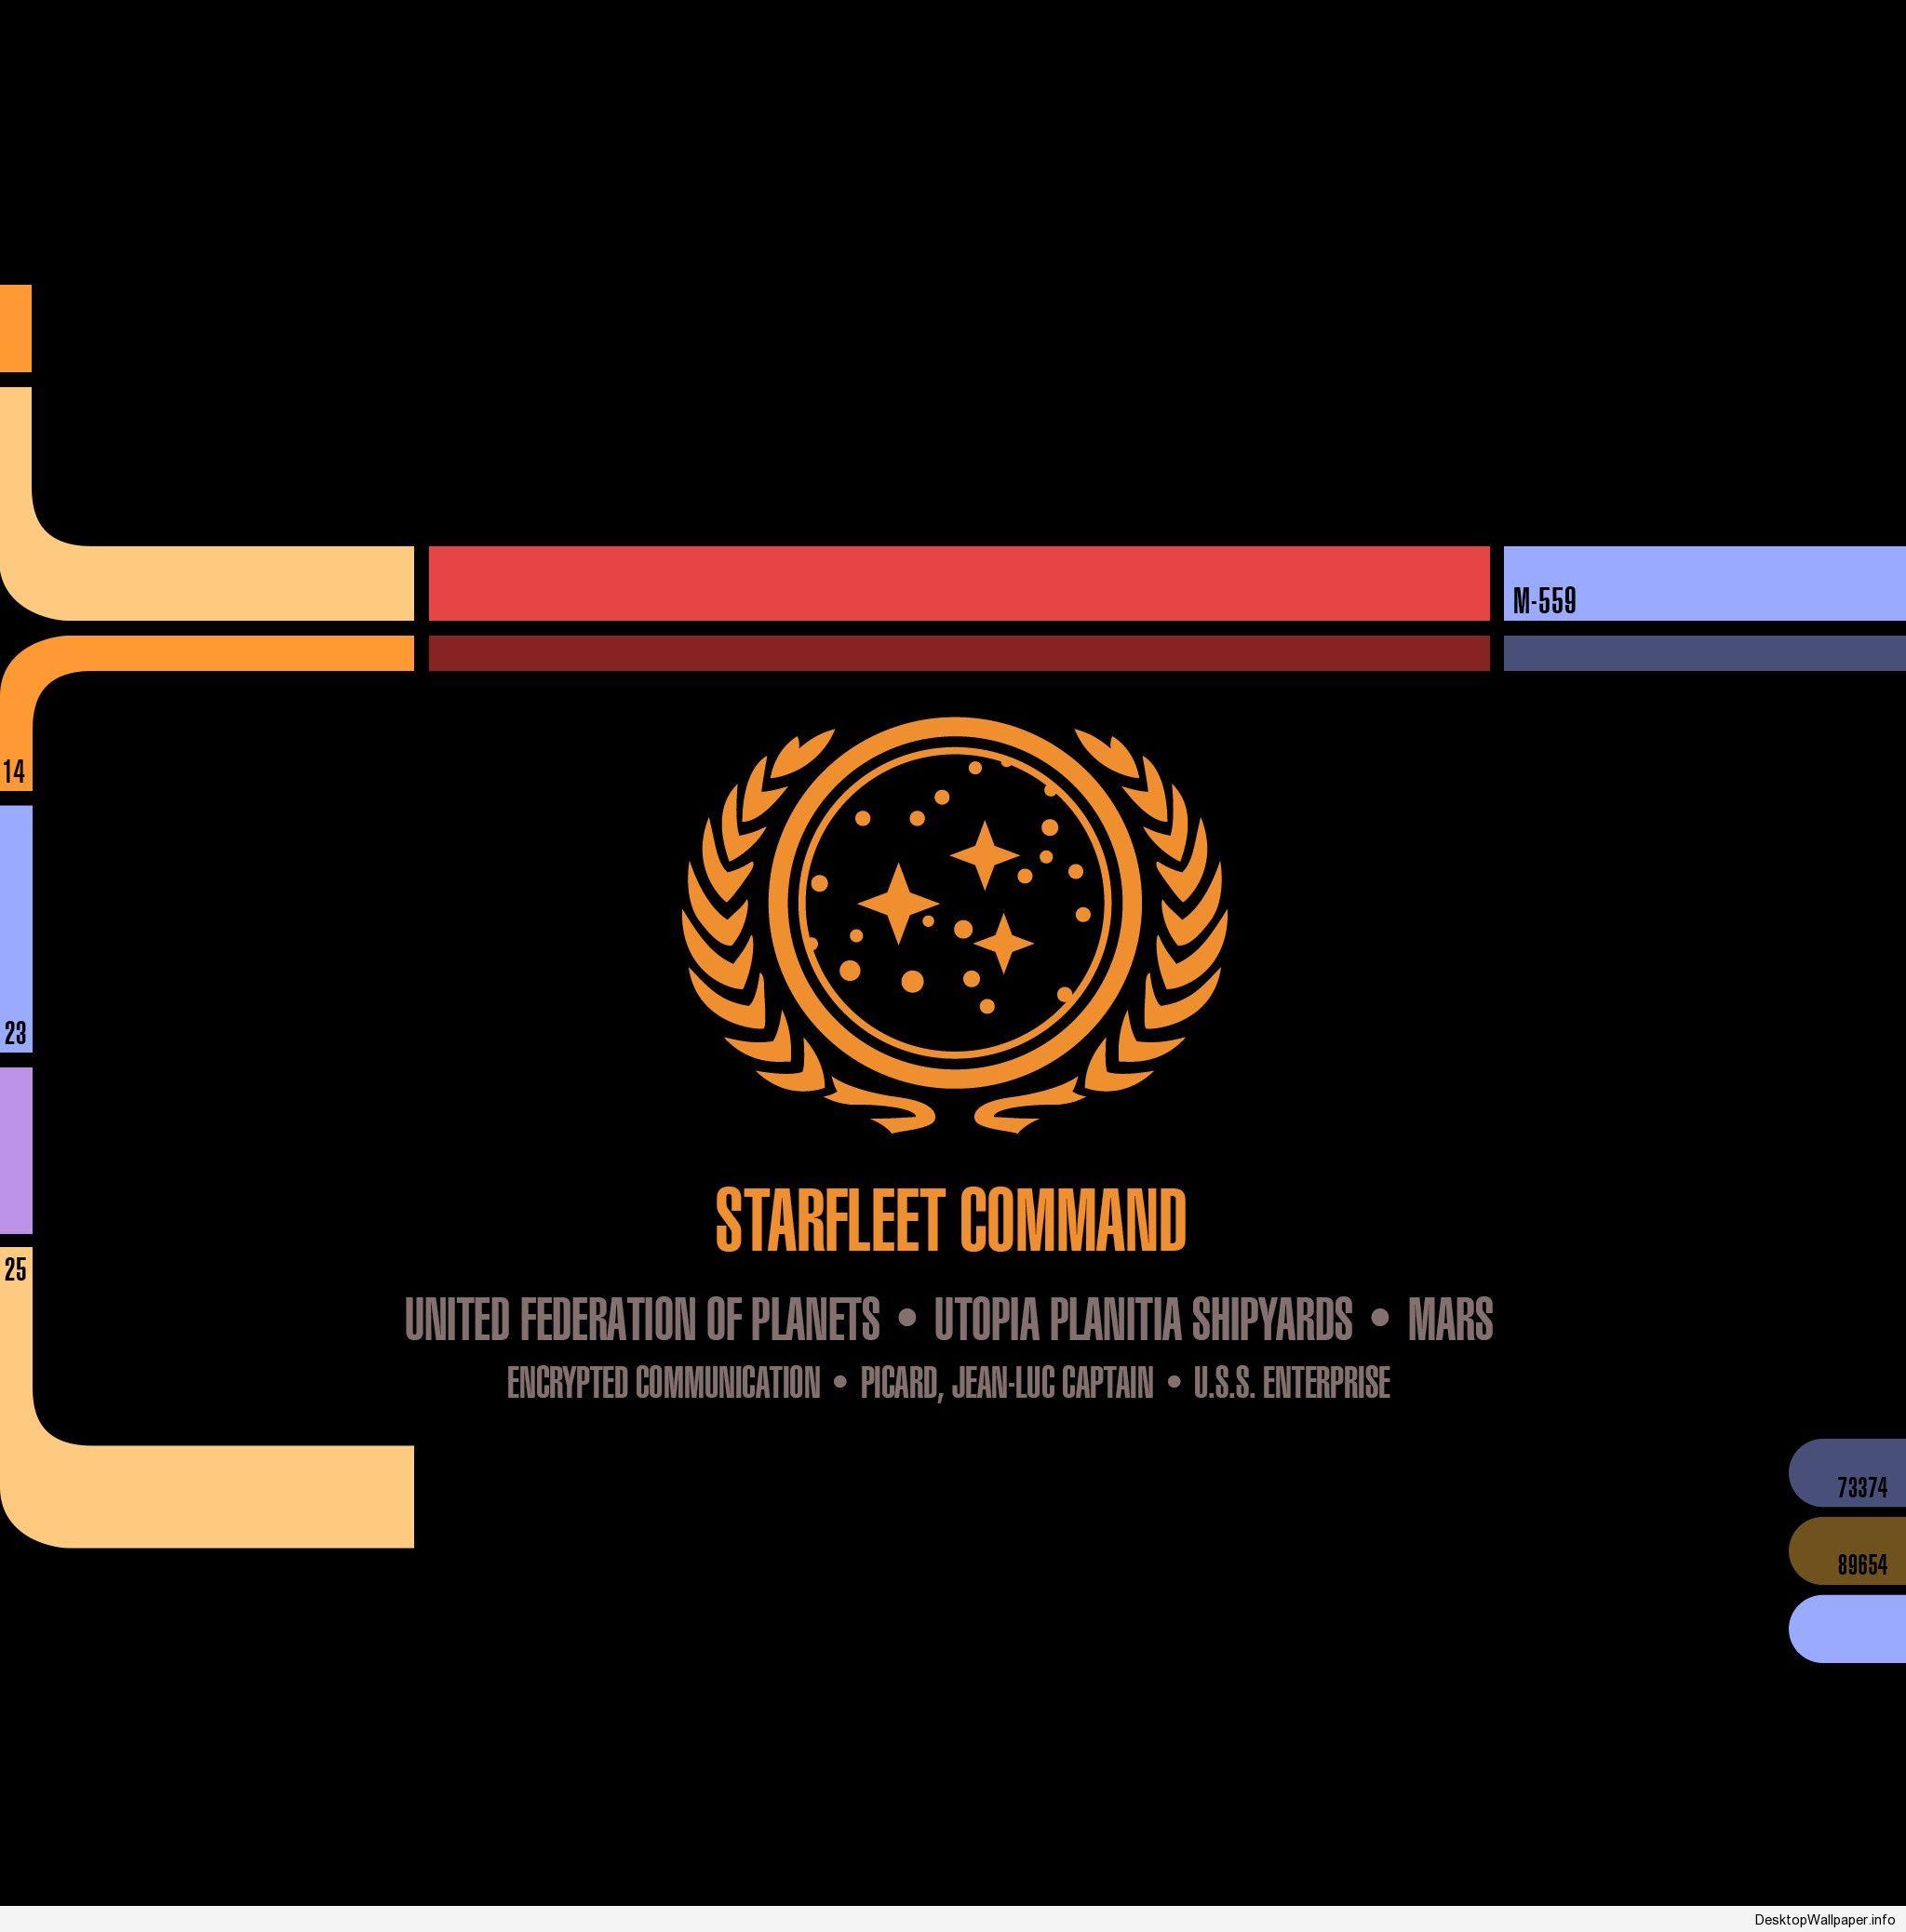 Ipad Wallpaper Star Trek Http Desktopwallpaper Info Ipad Wallpaper Star Trek 10168 Wallpaper Wallpaper Star Trek New Star Trek Star Trek Bridge